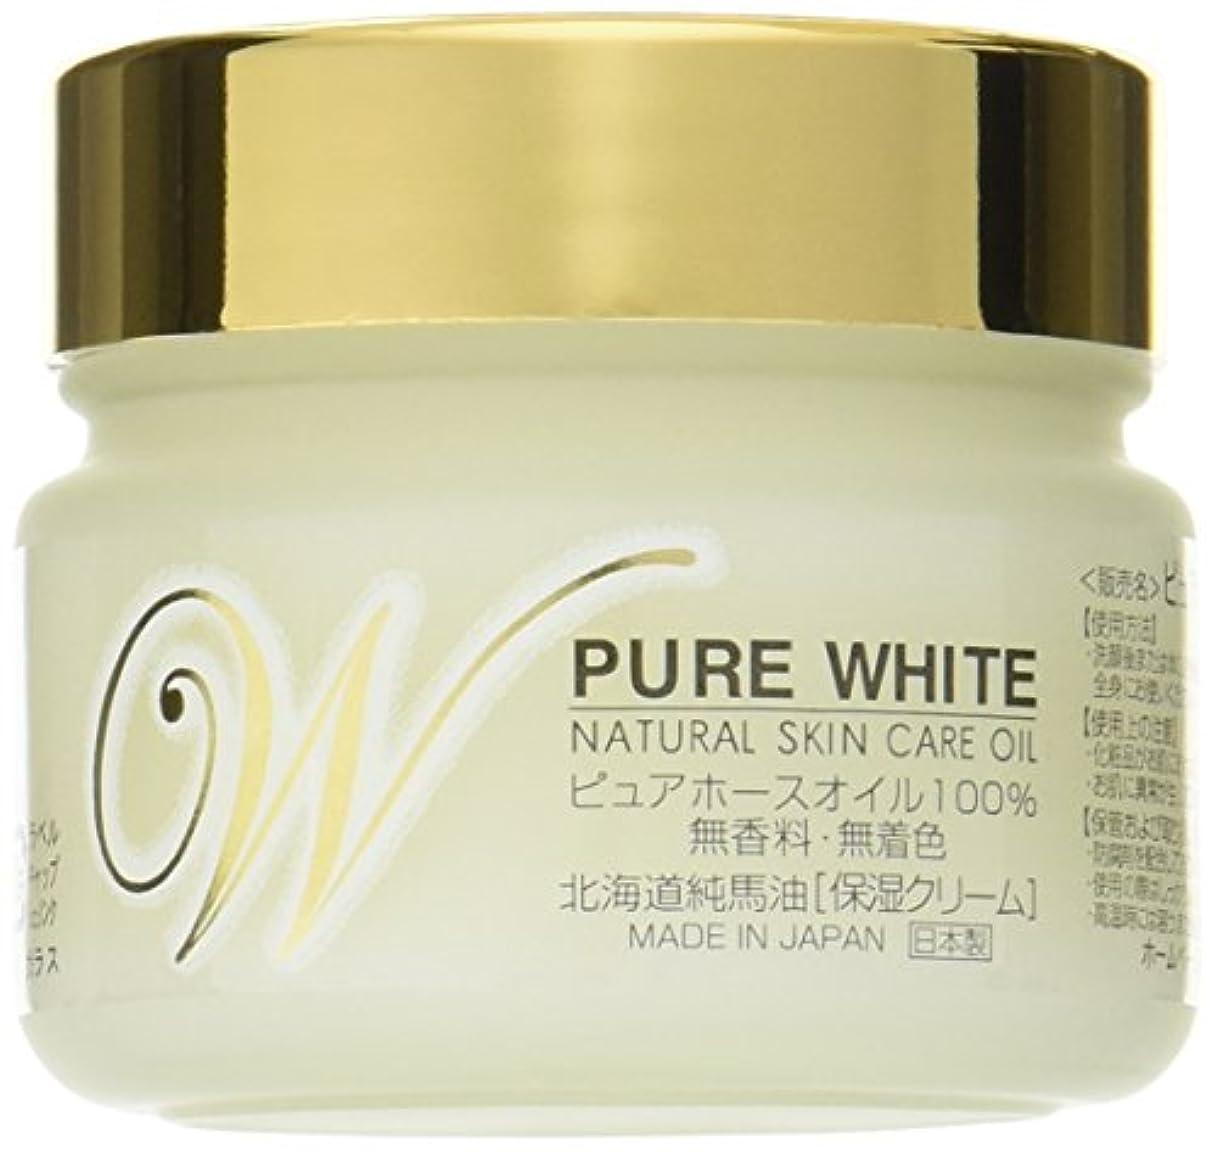 変化する宇宙の寸法北海道純馬油本舗 ピュアホワイト ピュアホースオイル100% 保湿クリーム 無香料無着色 100g